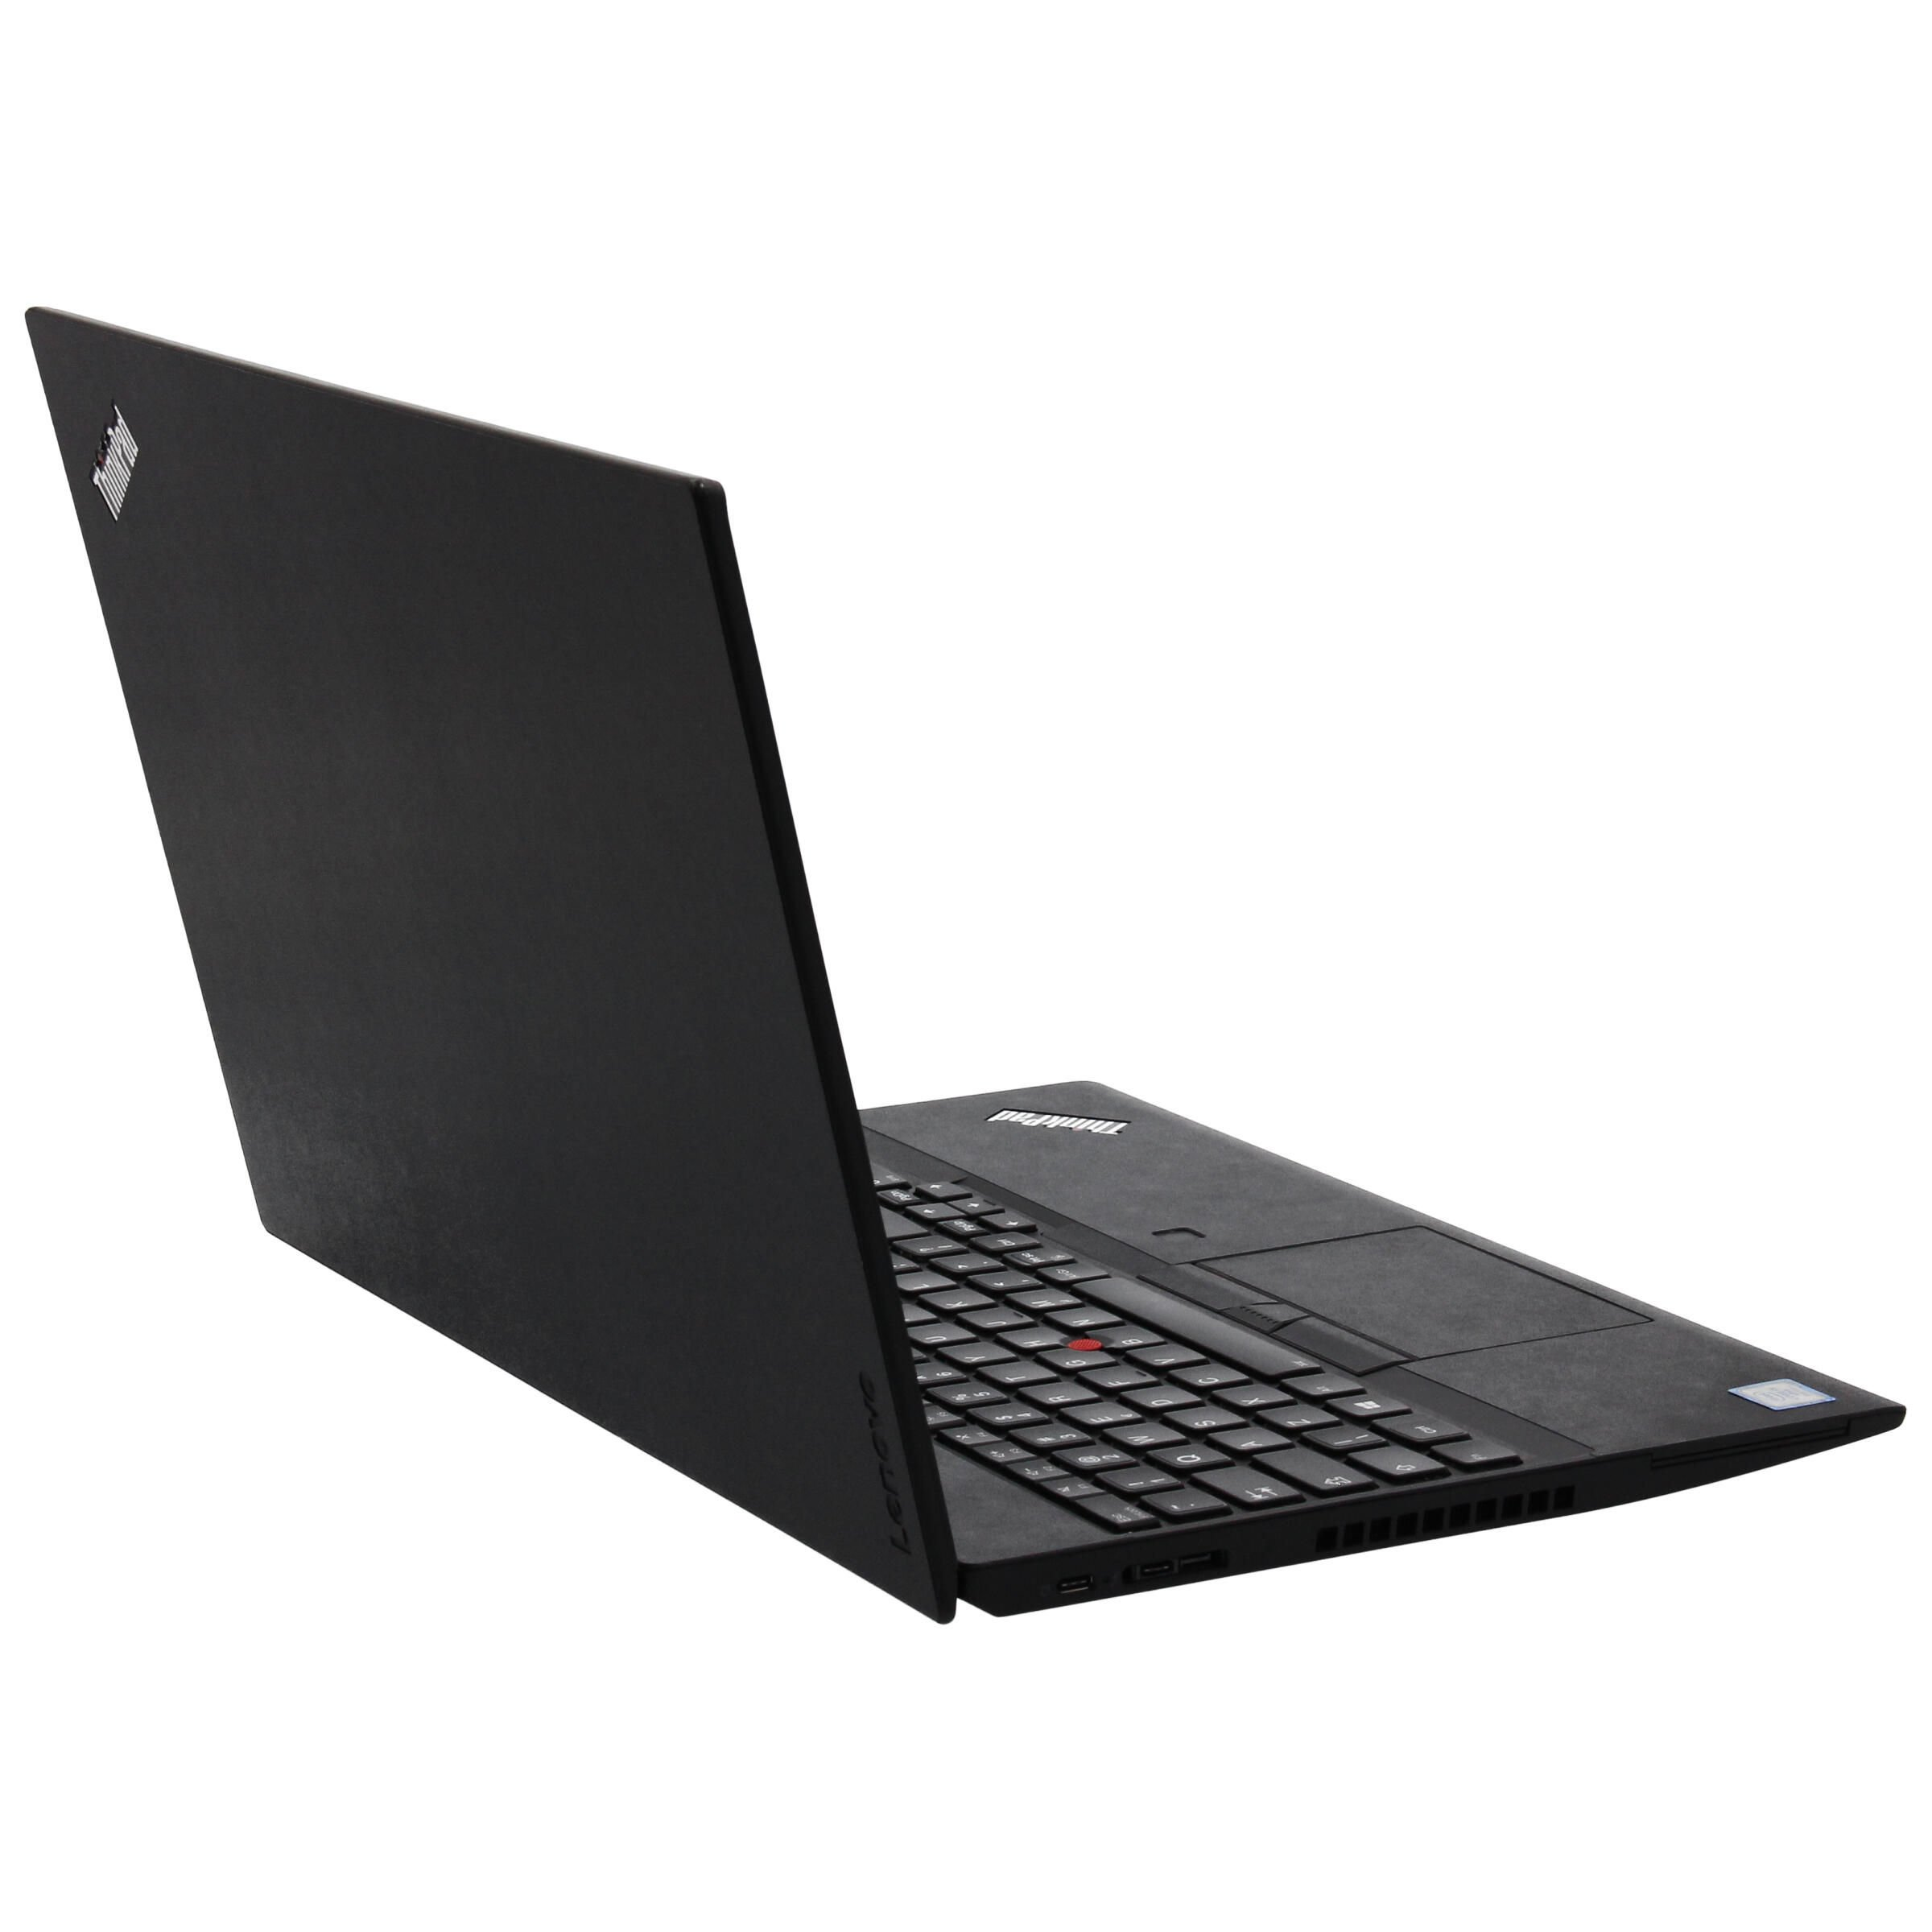 Laptopy do 4000 zł ranking 2020 2021